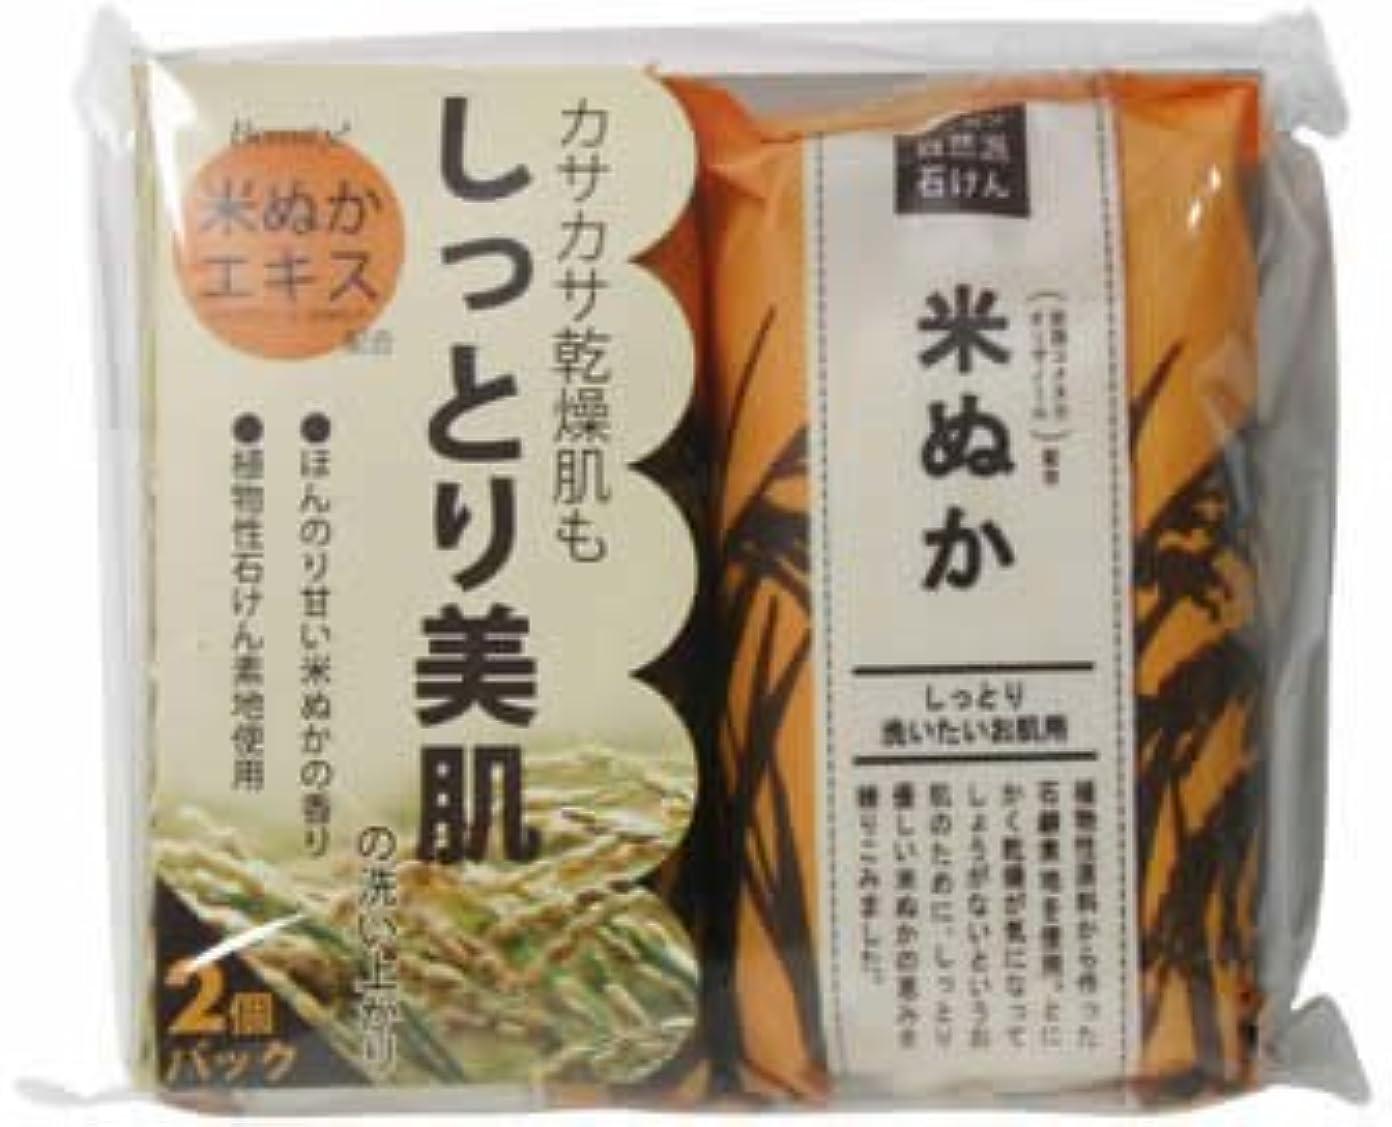 セレナ耕すしみペリカン石鹸 自然派石けん米ぬか 100g×2個